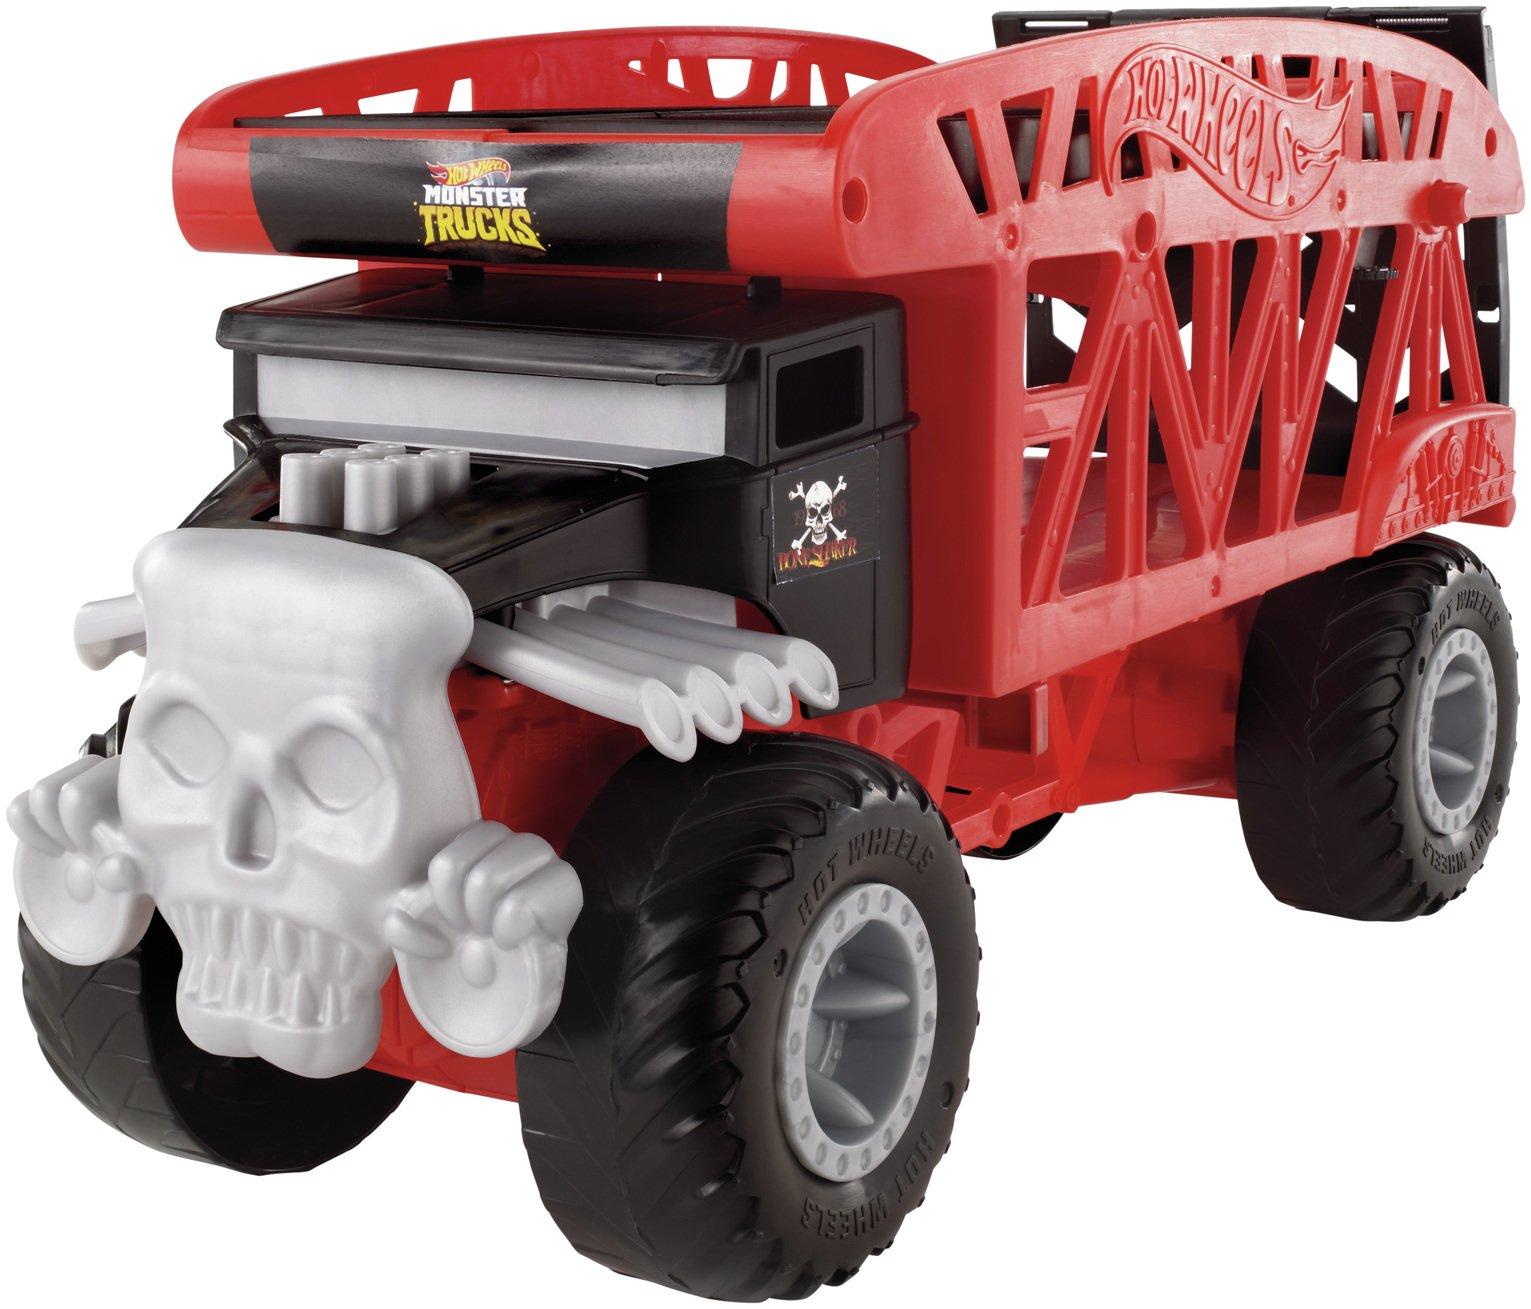 Hot Wheels Monster Truck Hauler